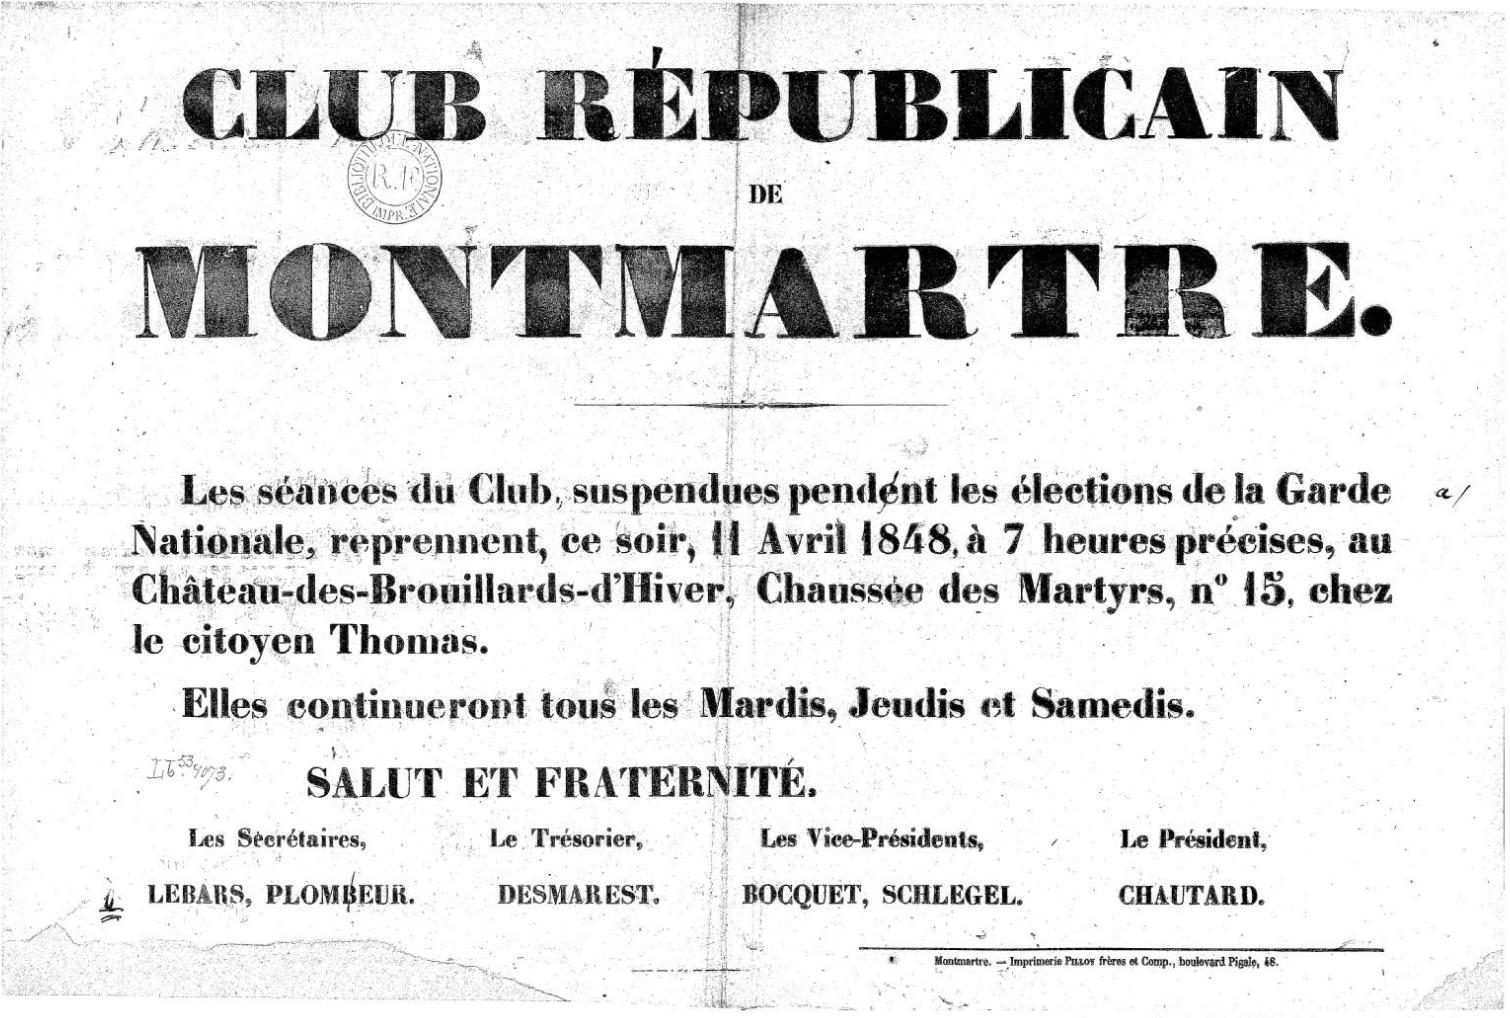 Advertisement for the meetings of the Club Républicain de Montmartre.